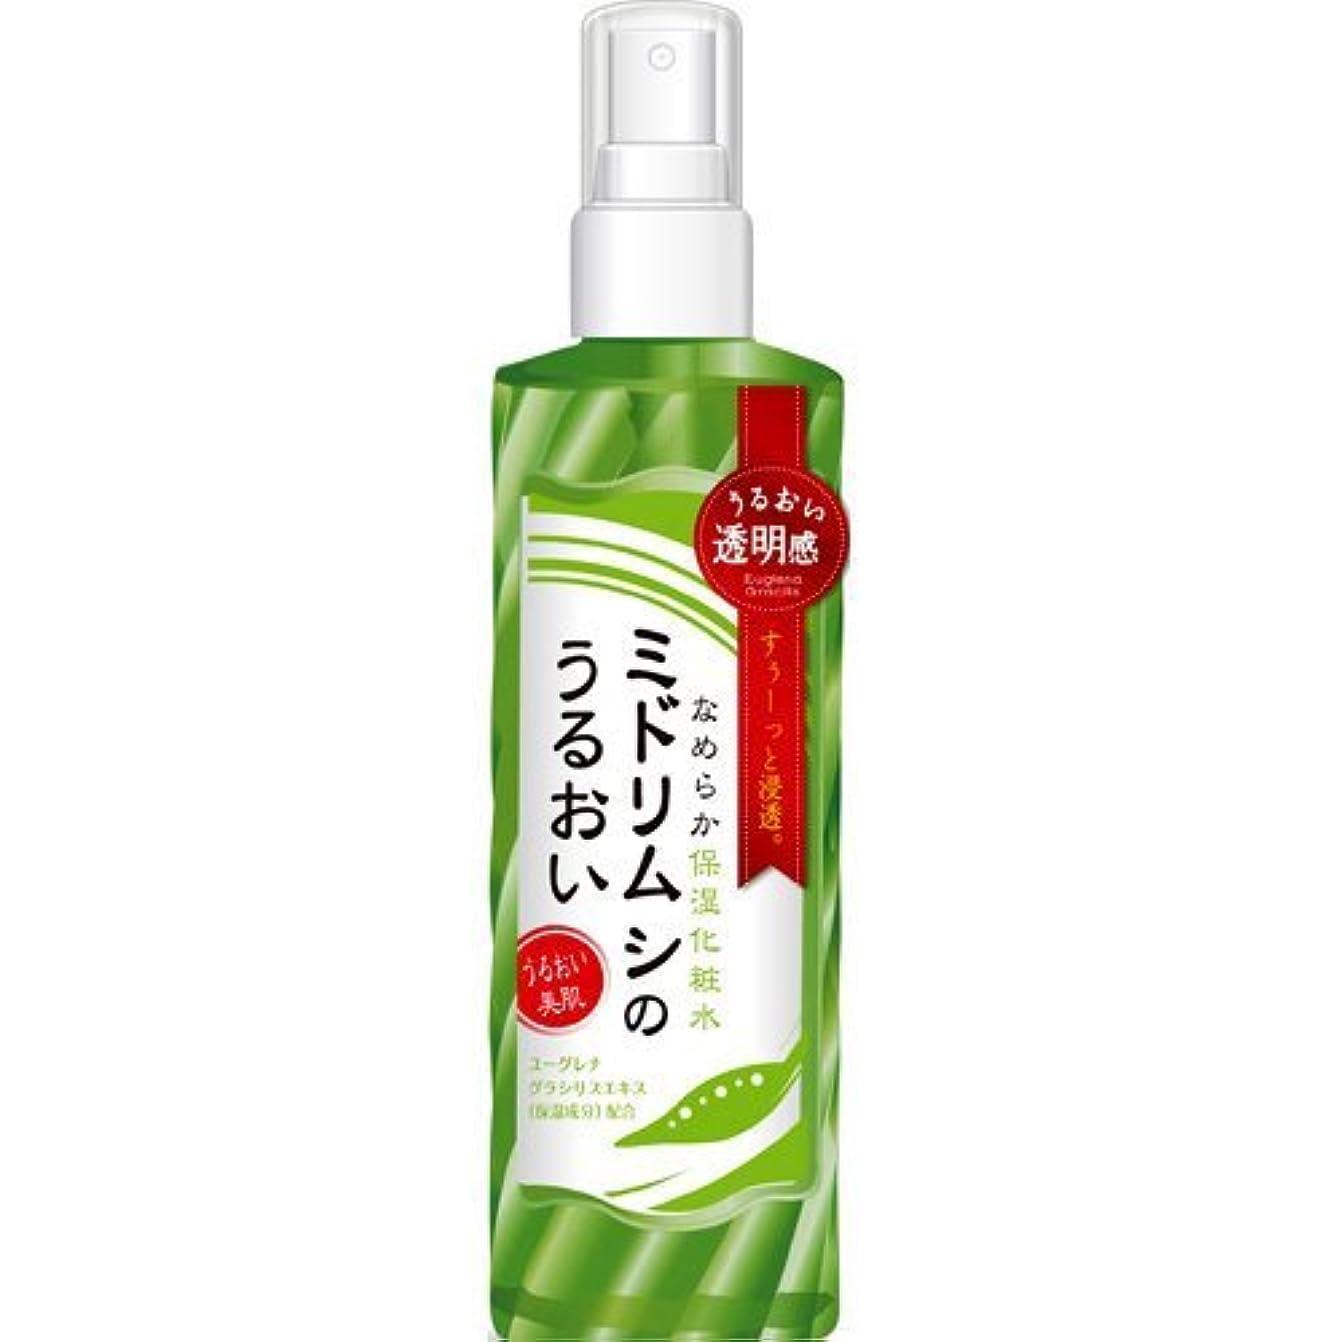 ピッチ悩む現在ミドリムシのうるおい なめらか保湿化粧水 200ml